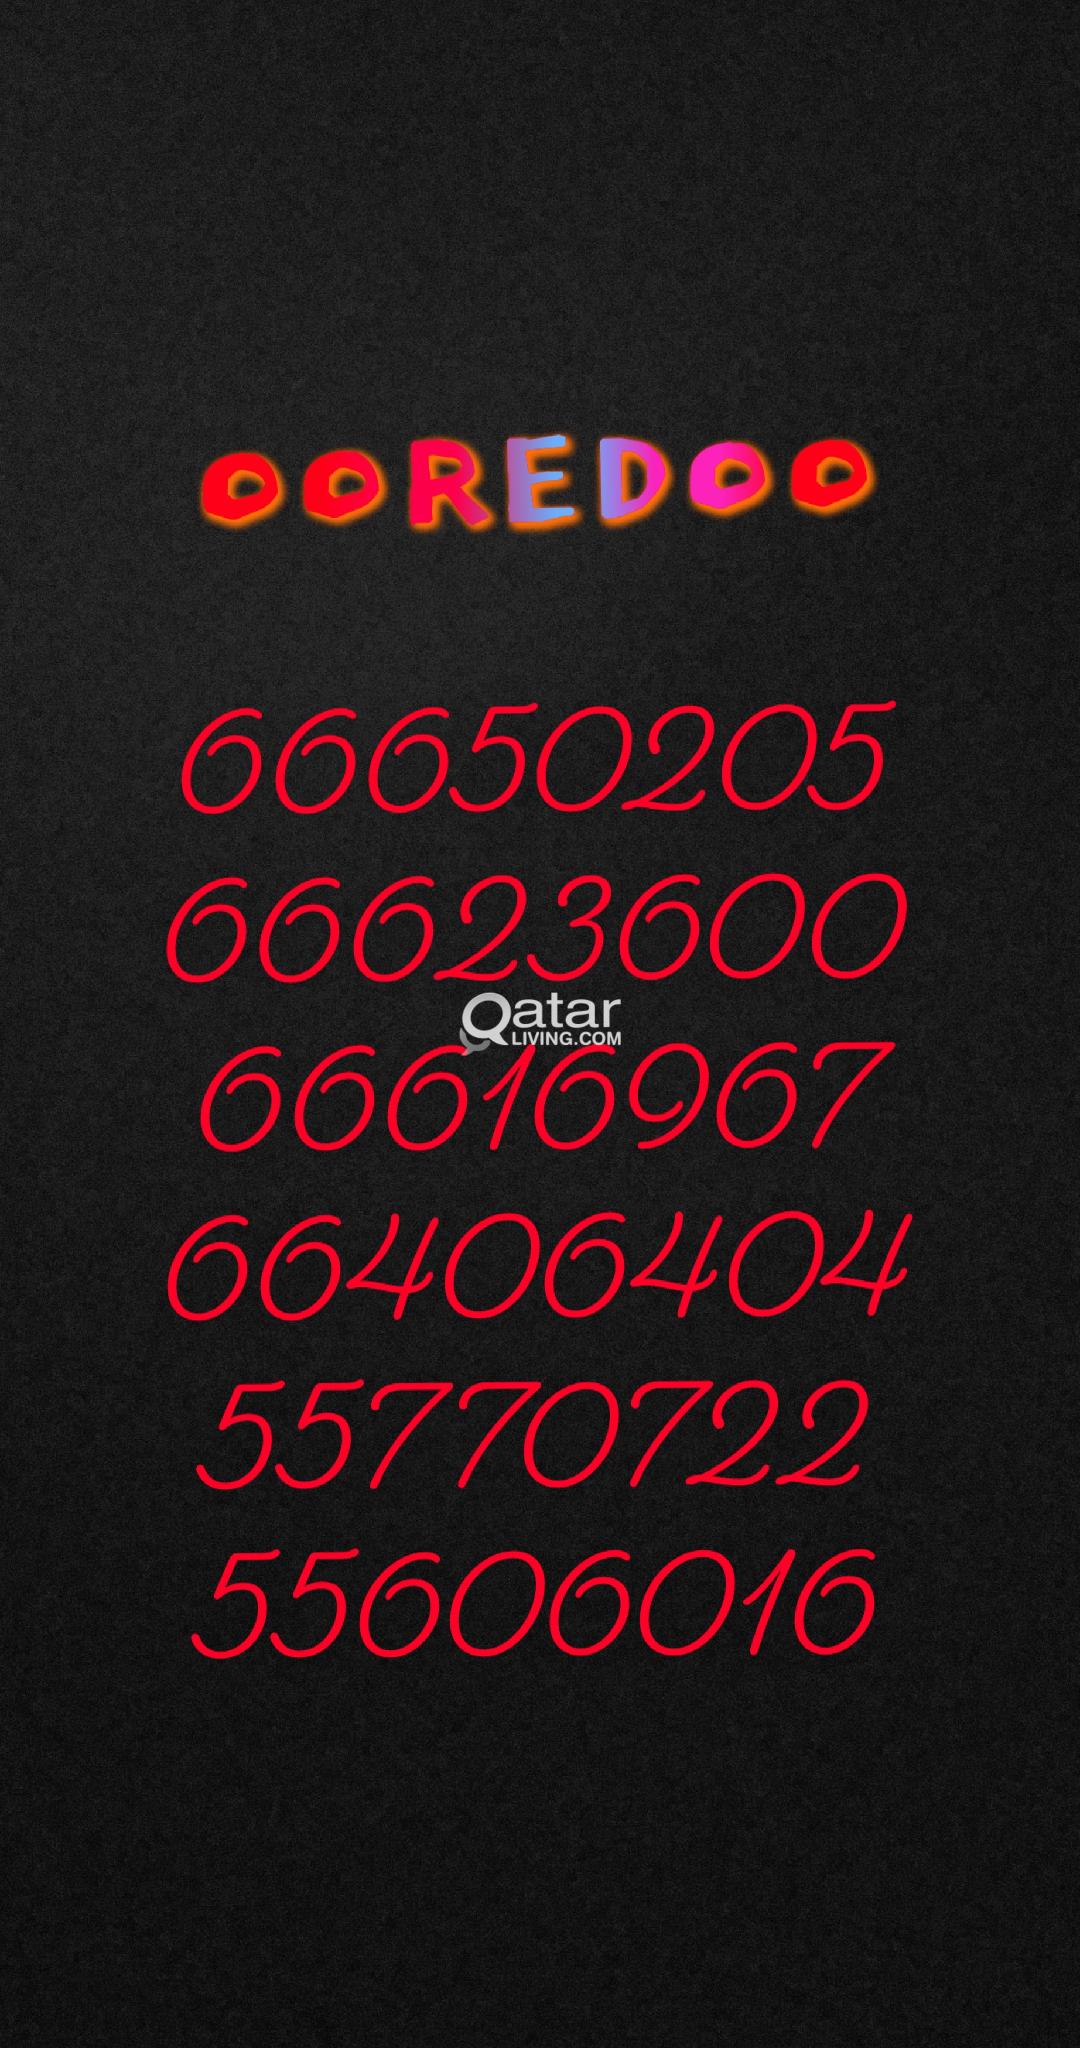 Ooredoo special numbers